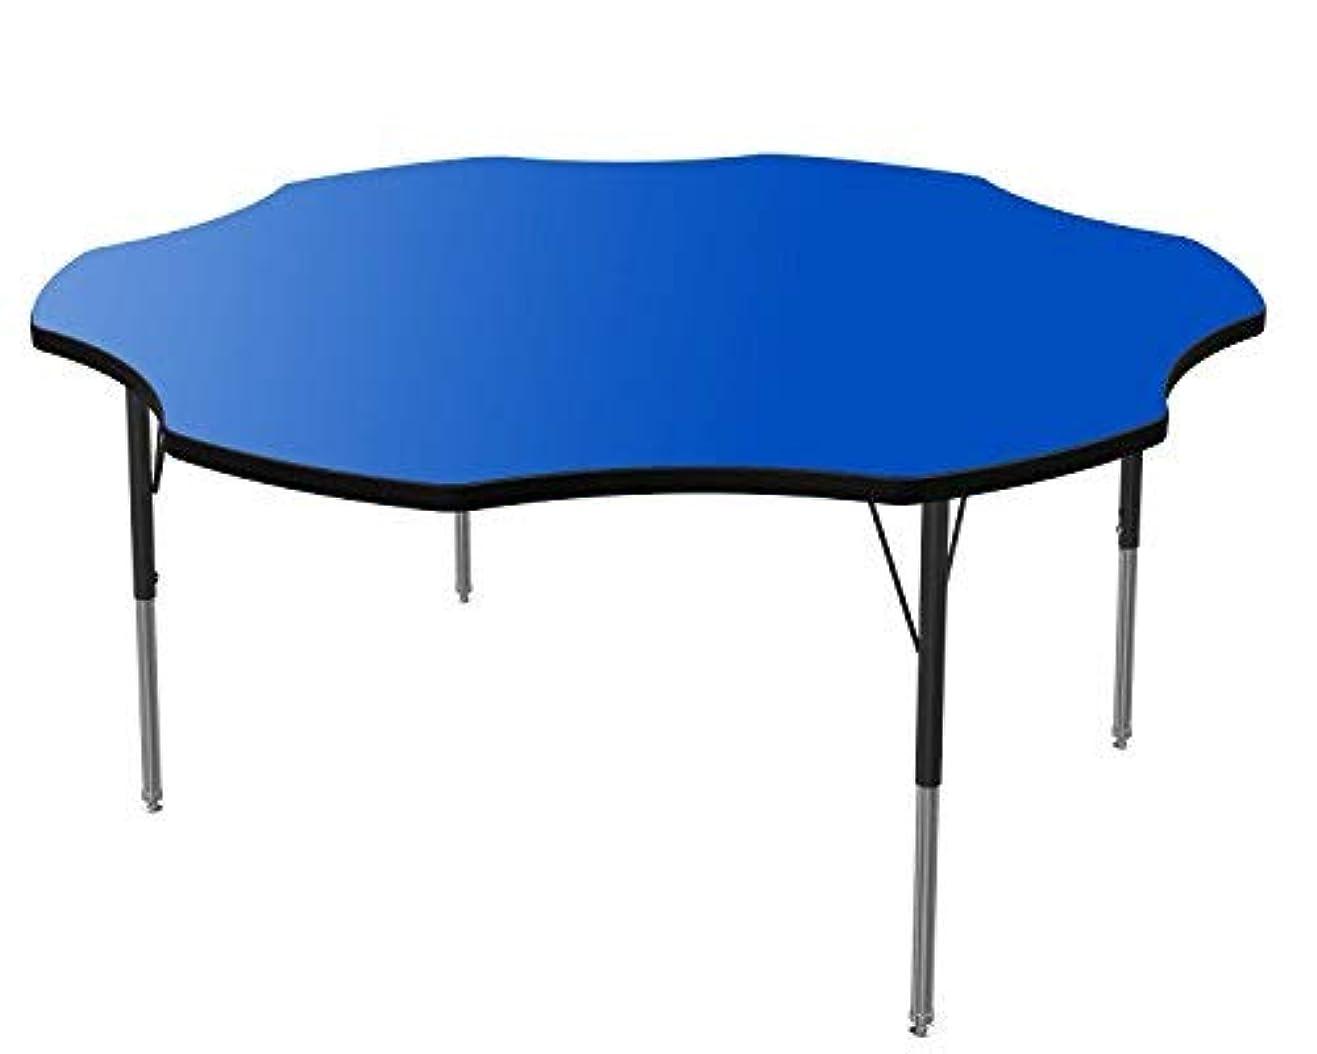 ビタミン悪魔振る舞うMarco Group Flower Adjustable Activity Table 60 Blue Black Trim Standard Legs [並行輸入品]